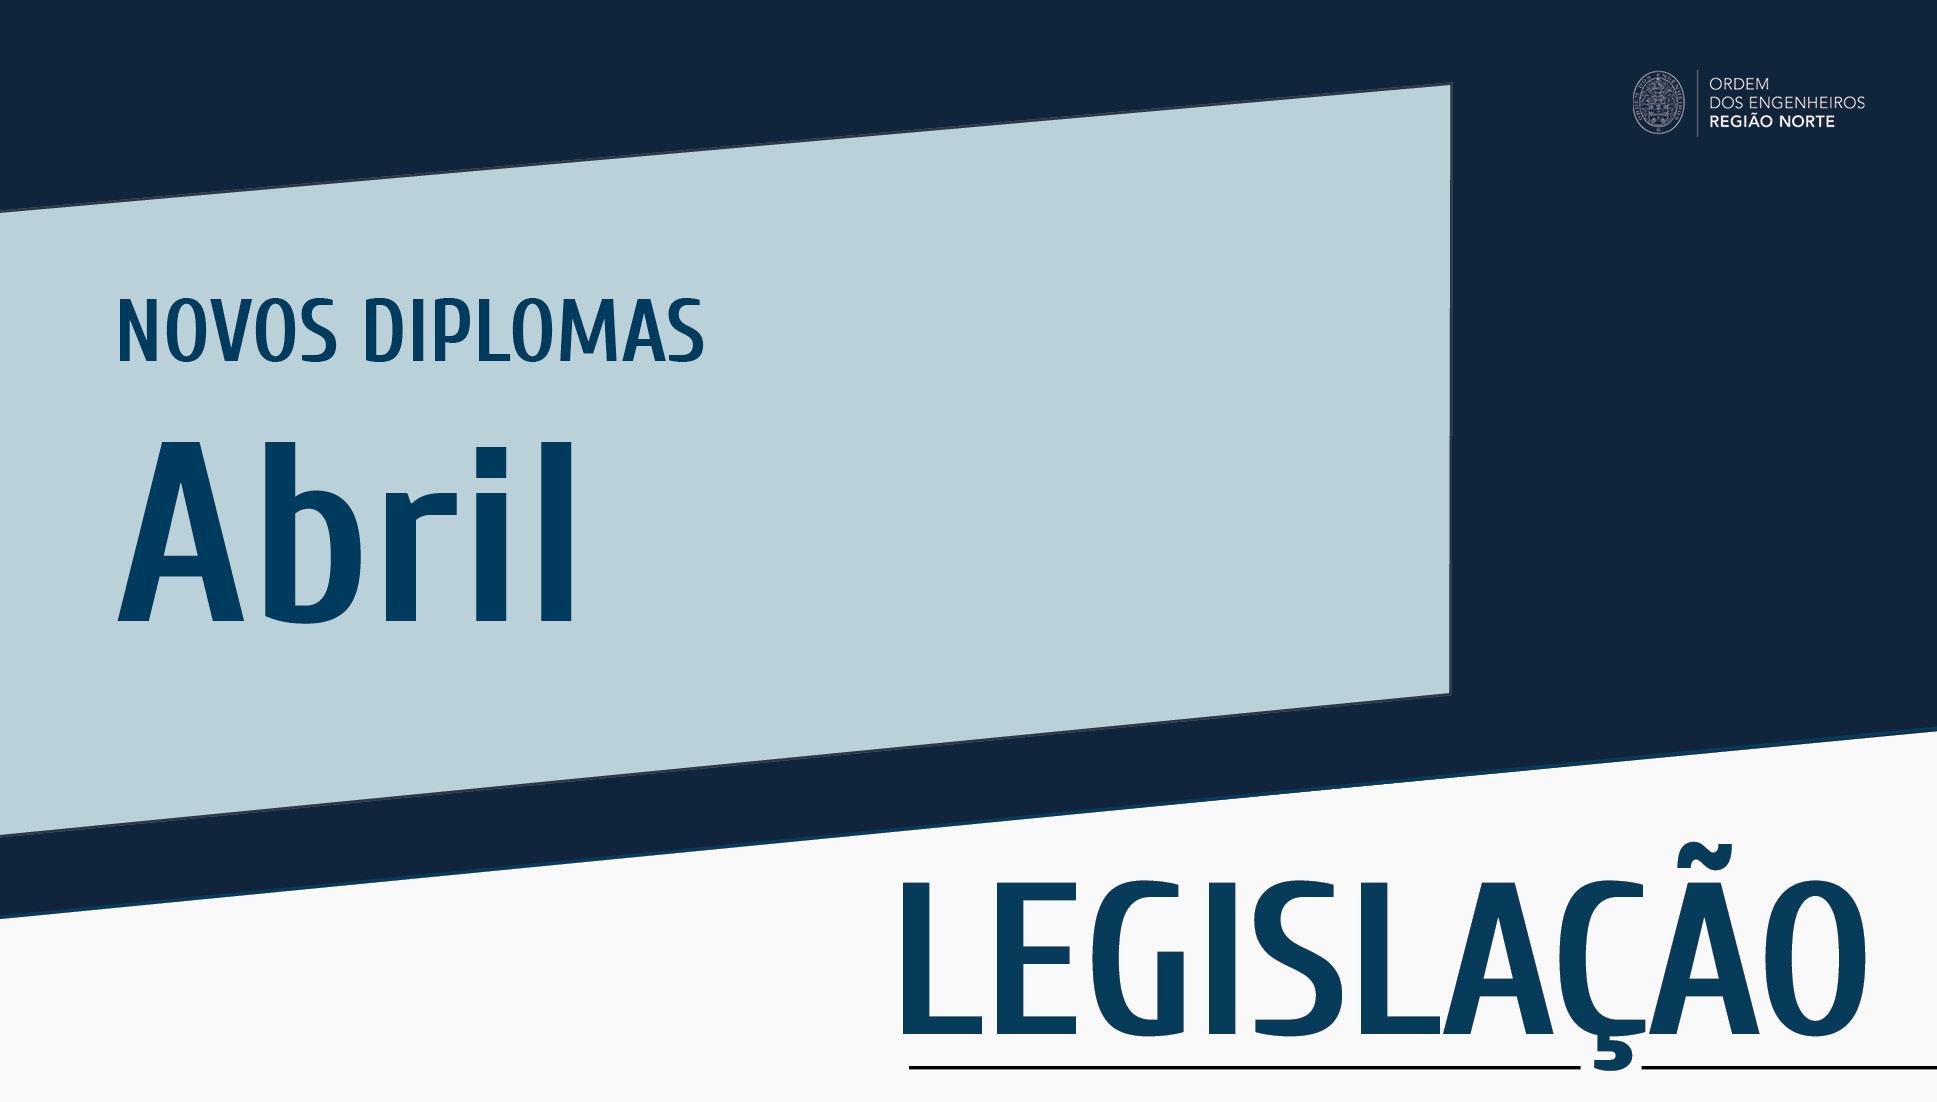 Plataforma Notícias Ordem Engenheiros Região Norte - Novos diplomas do mês de abril